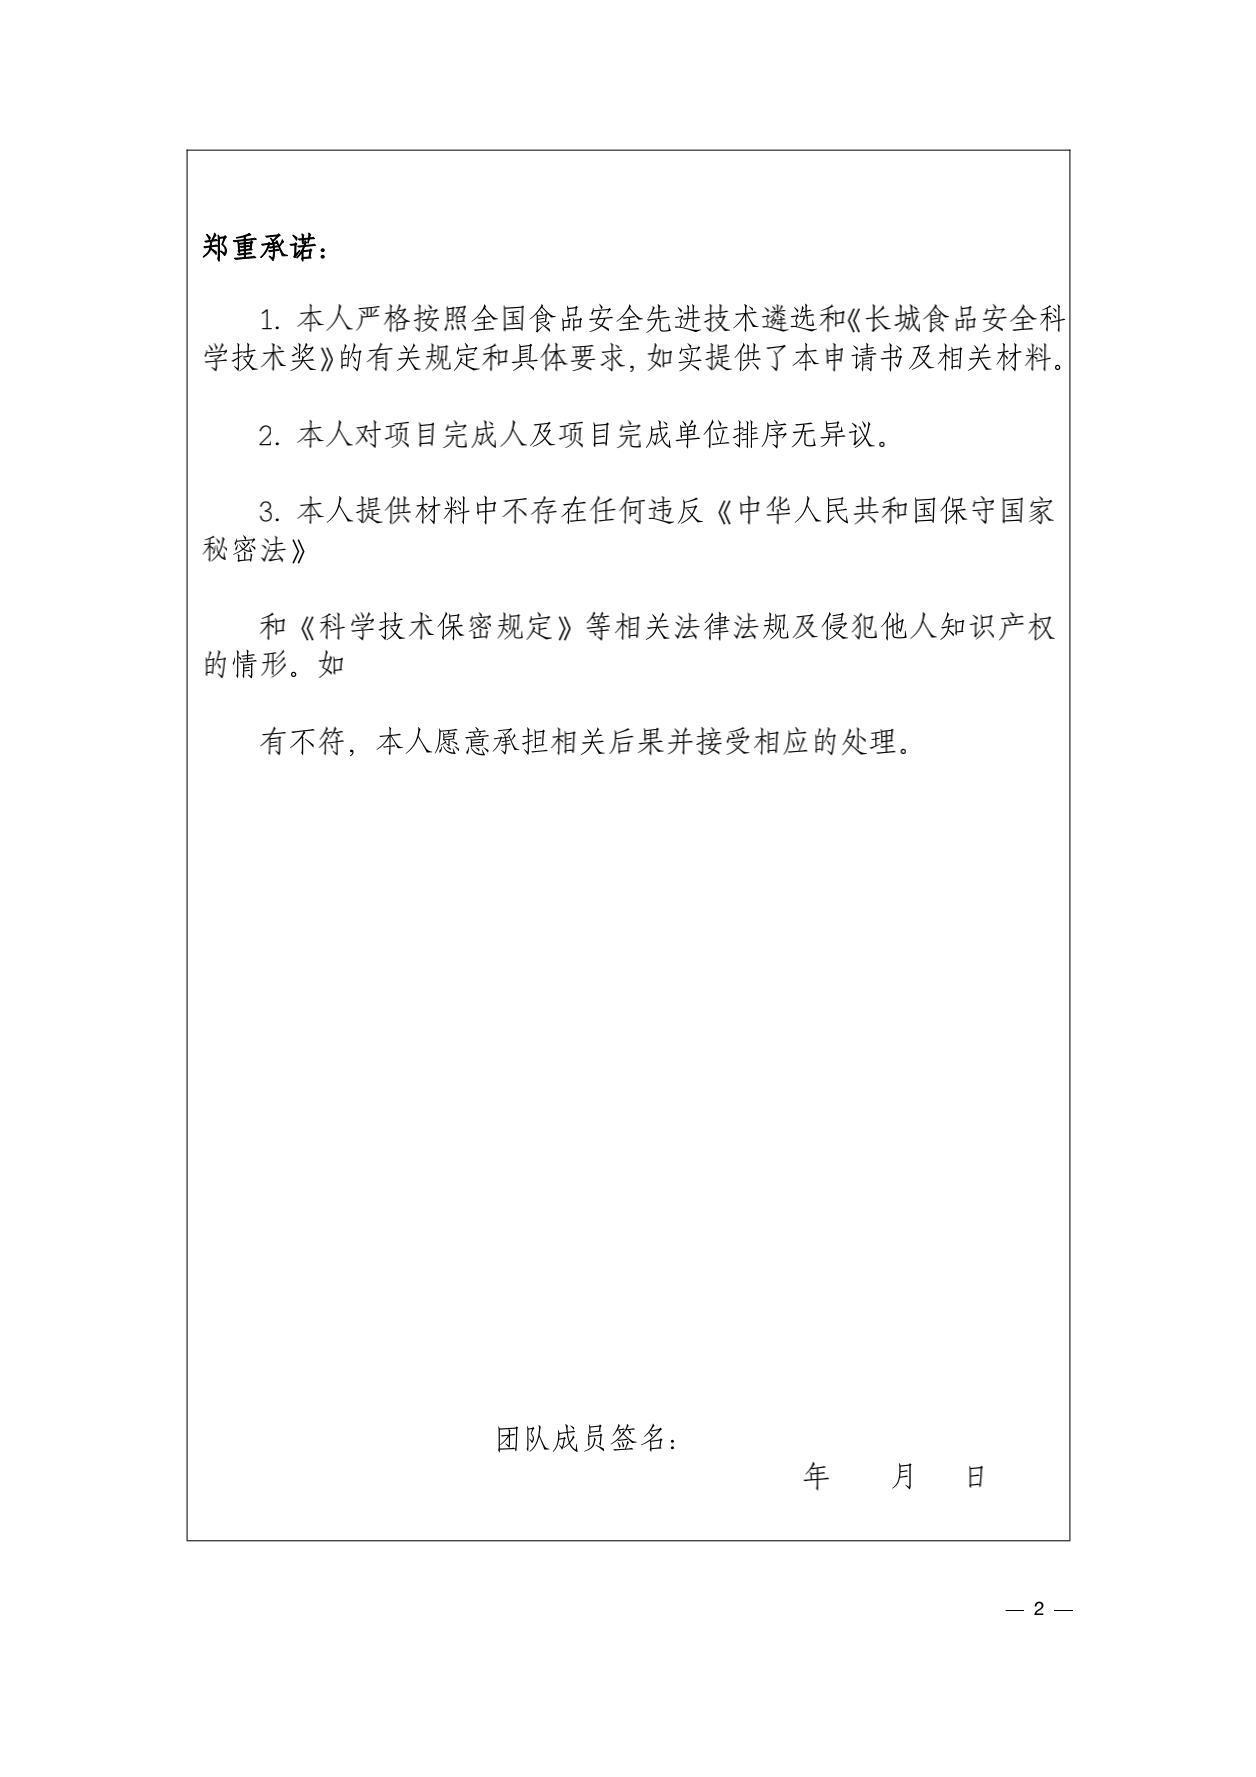 长城奖推荐申请表_01